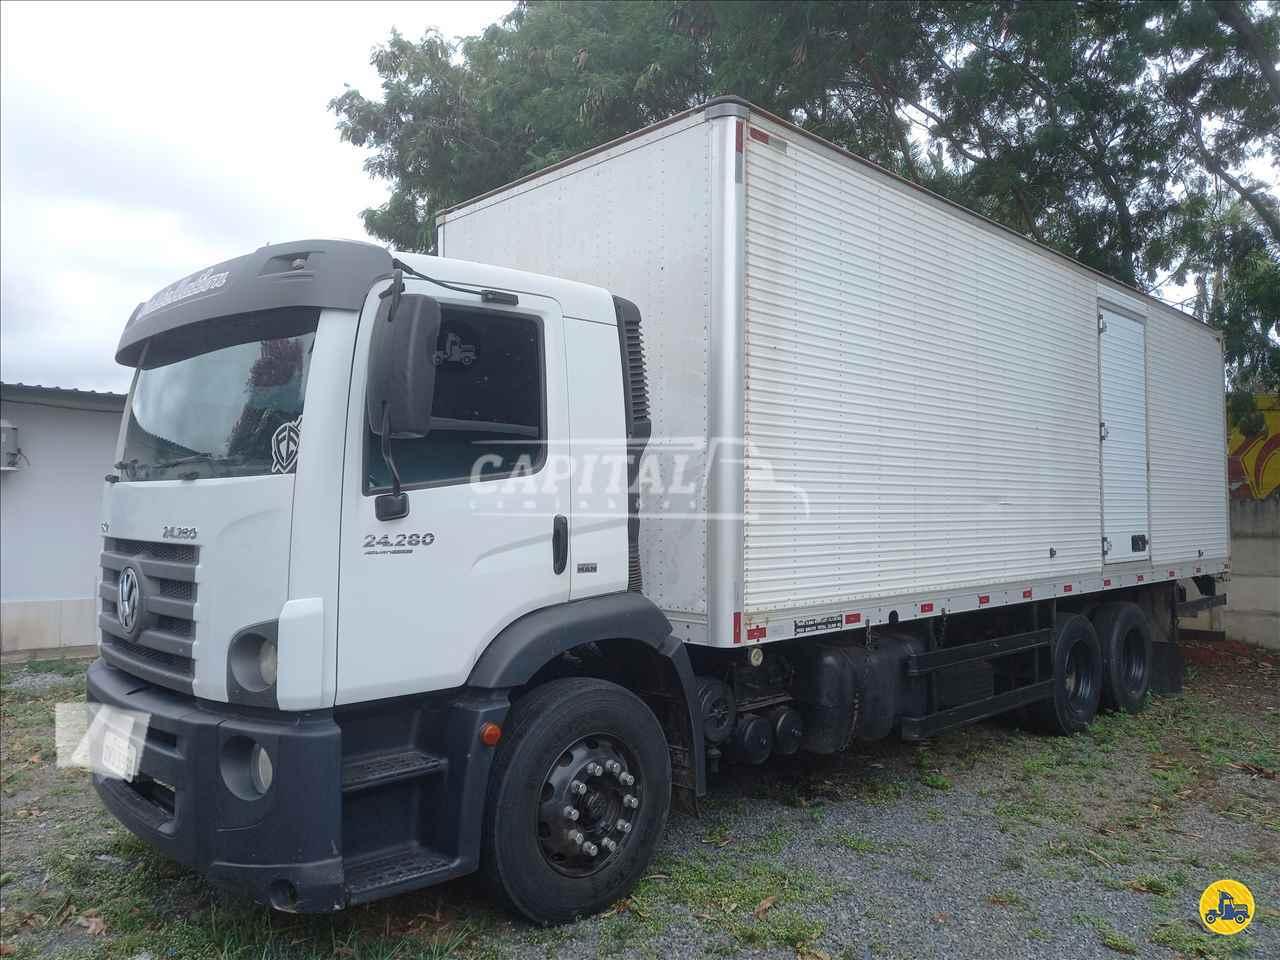 CAMINHAO VOLKSWAGEN VW 24280 Baú Furgão Truck 6x2 Capital Caminhões - Metalesp e Recrusul  BRASILIA DISTRITO FEDERAL DF